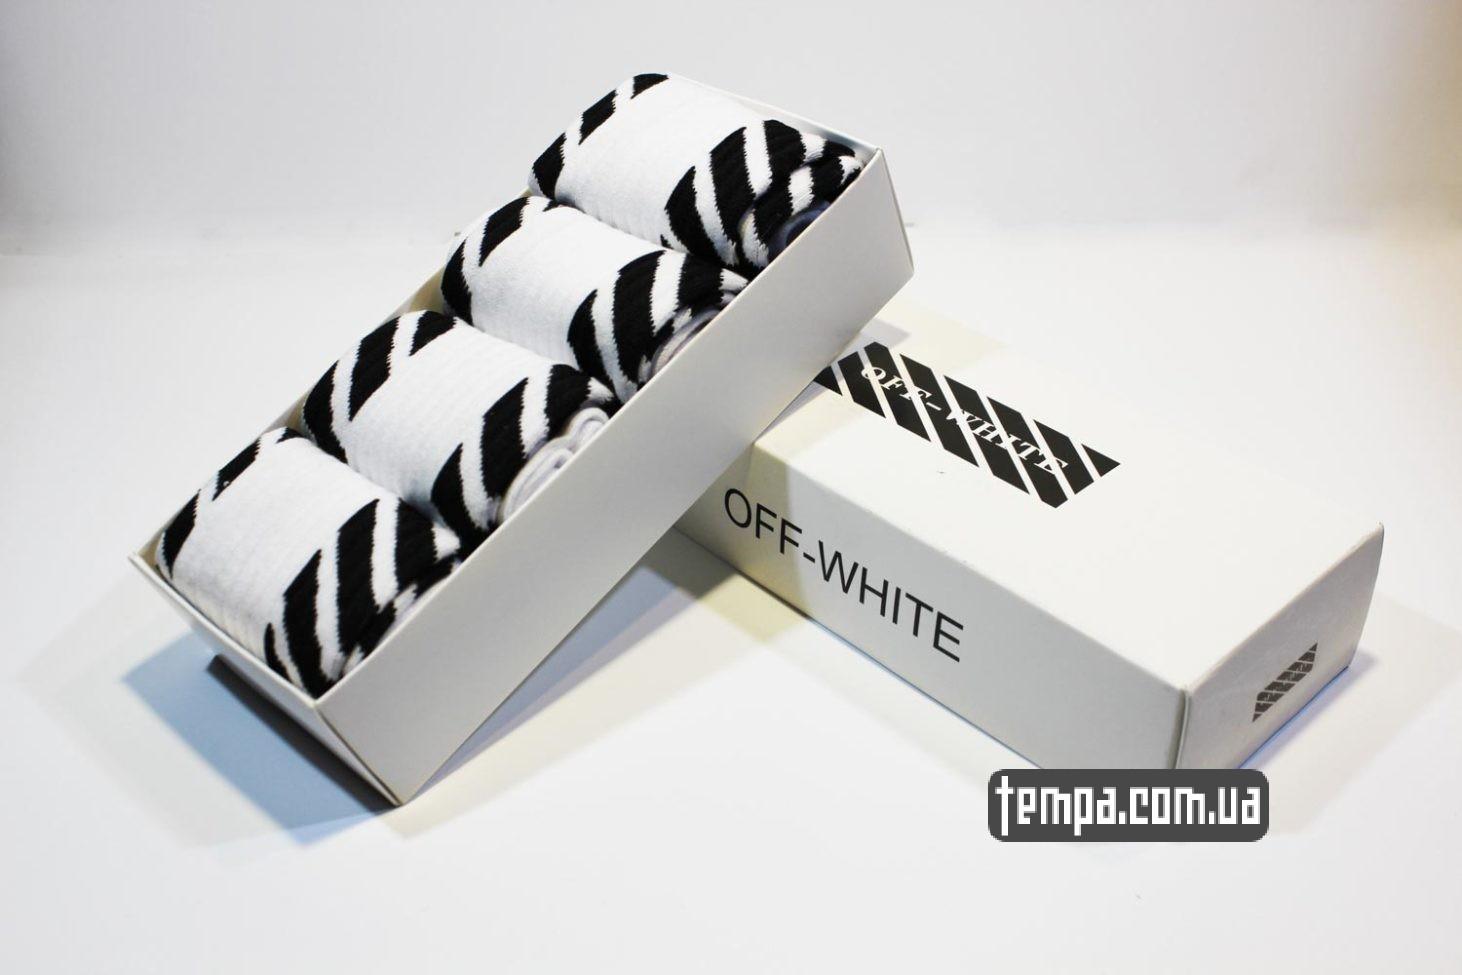 высокие носки OFF WHITE белые купить